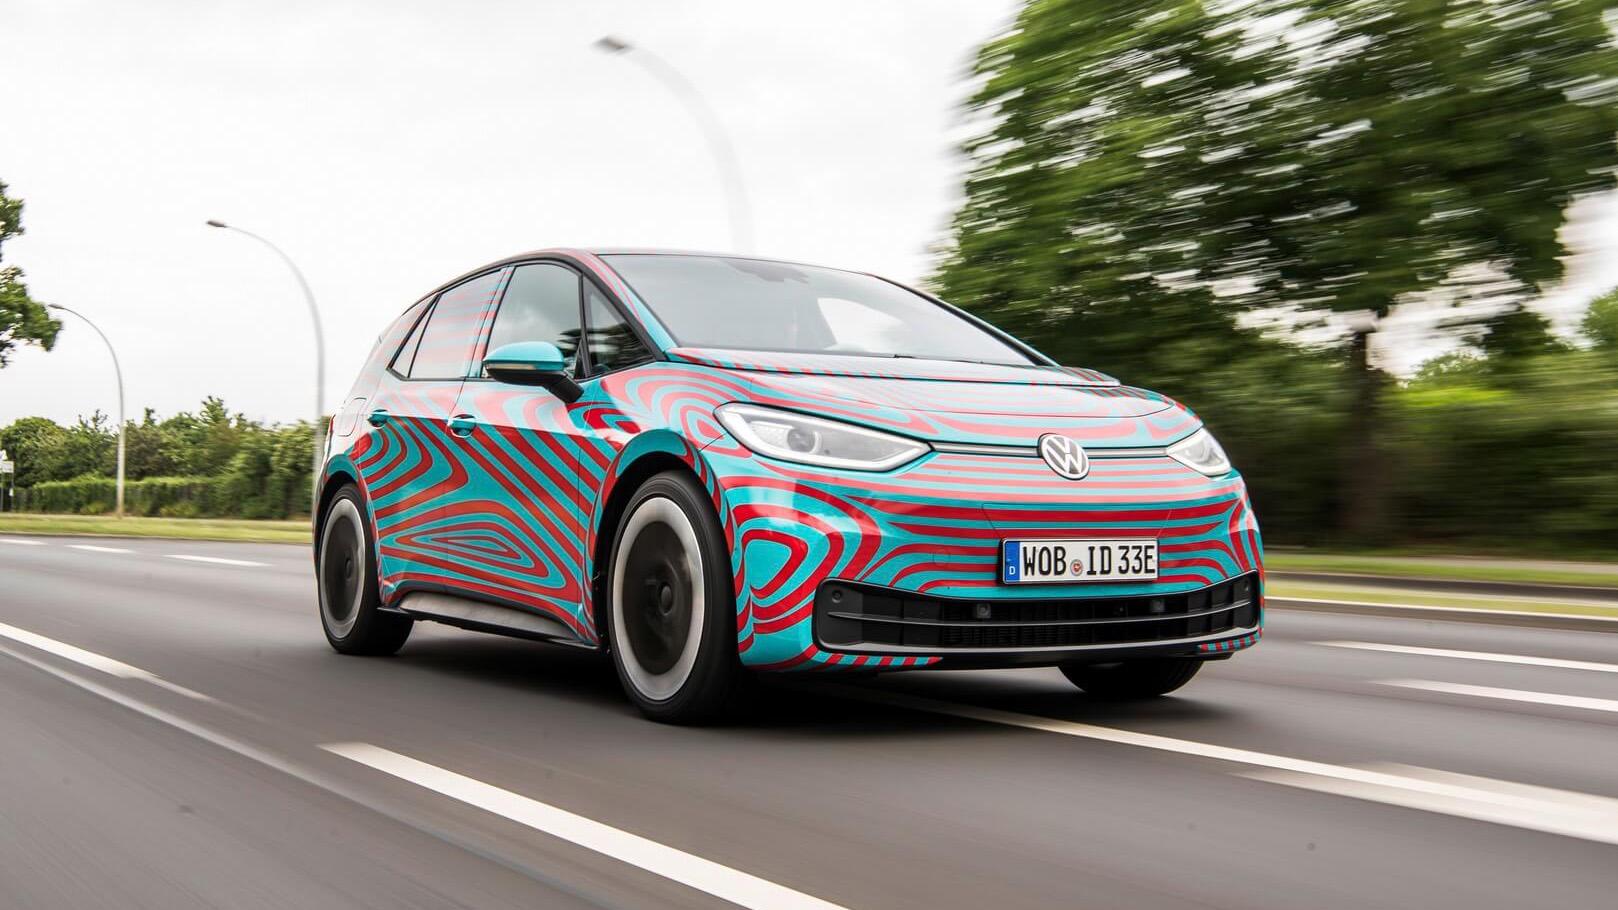 Владельцы электрокаров Volkswagen смогут продавать электроэнергию 1